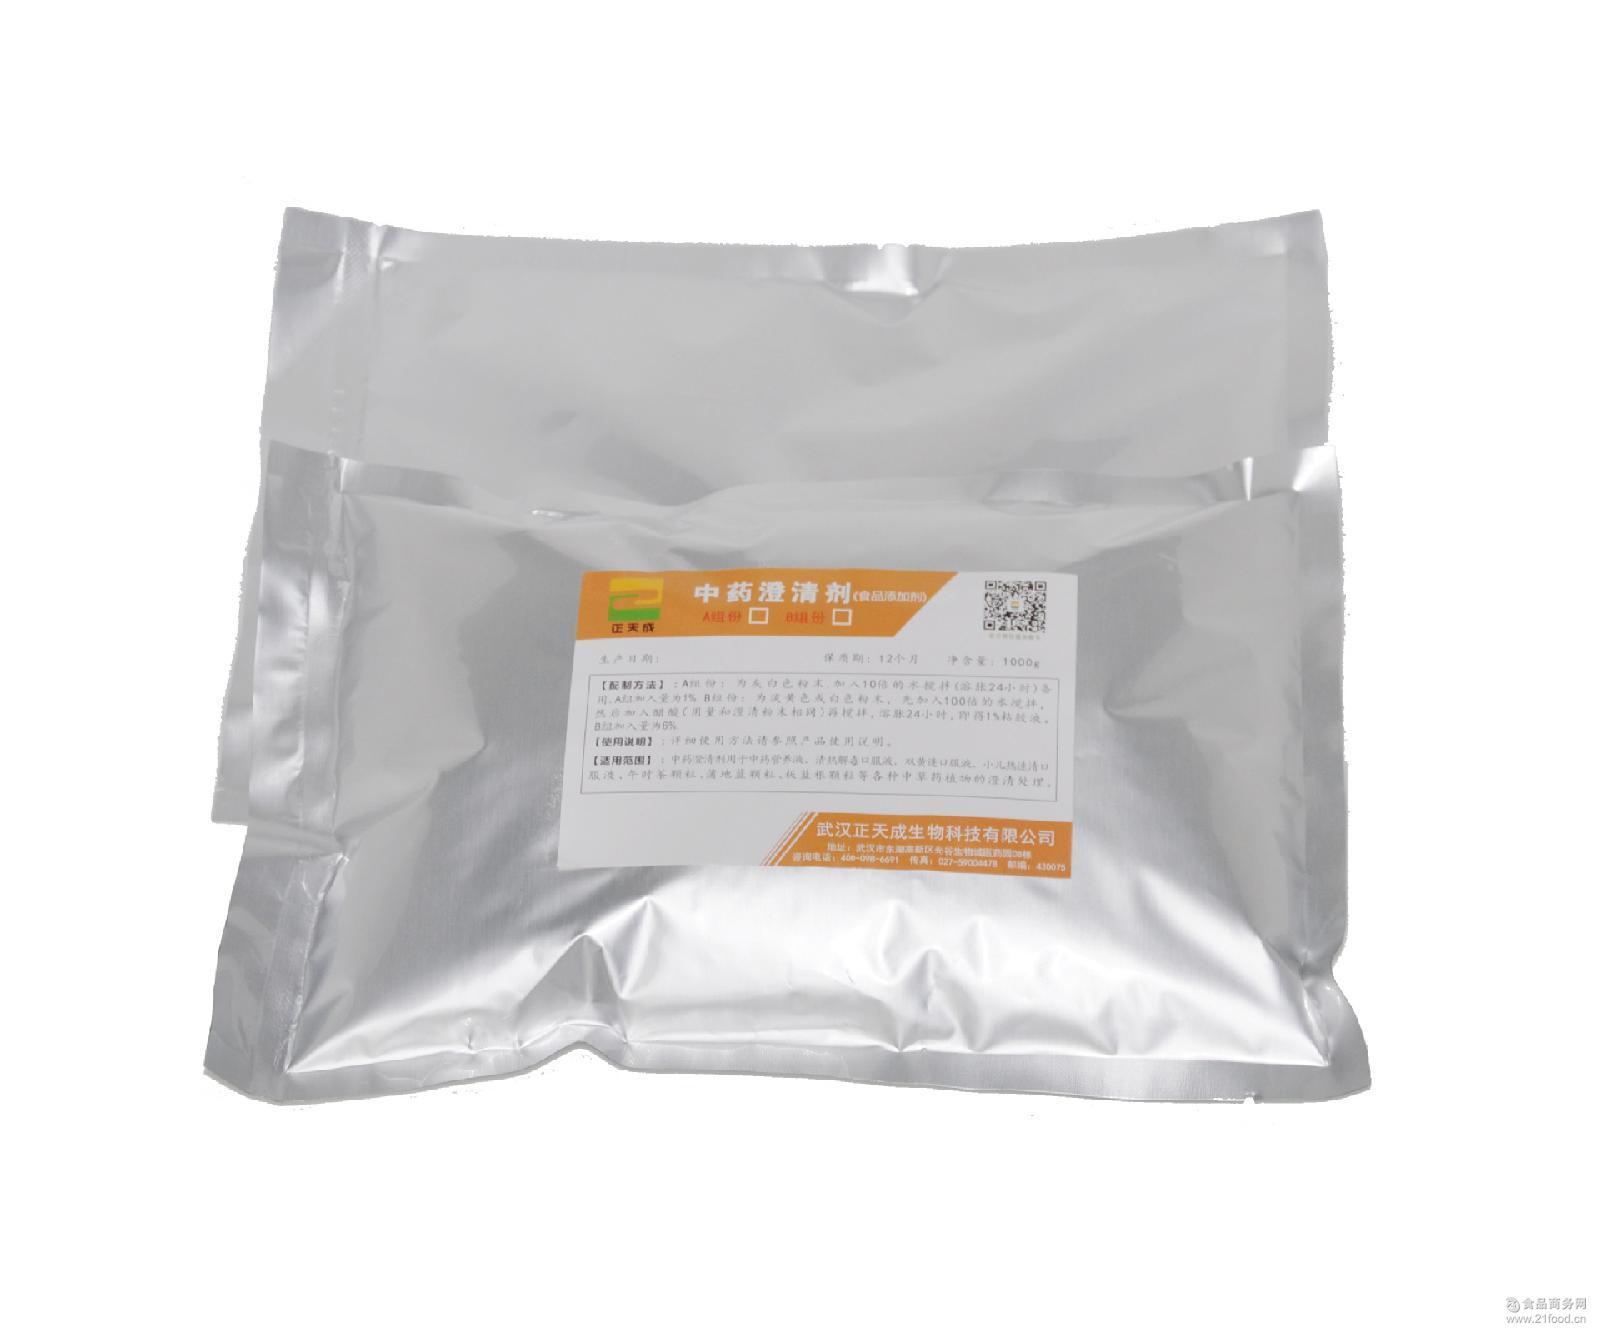 澄清剂专业生产批发ZTC1+1天然澄清剂IV型-B组针剂注射剂澄清剂